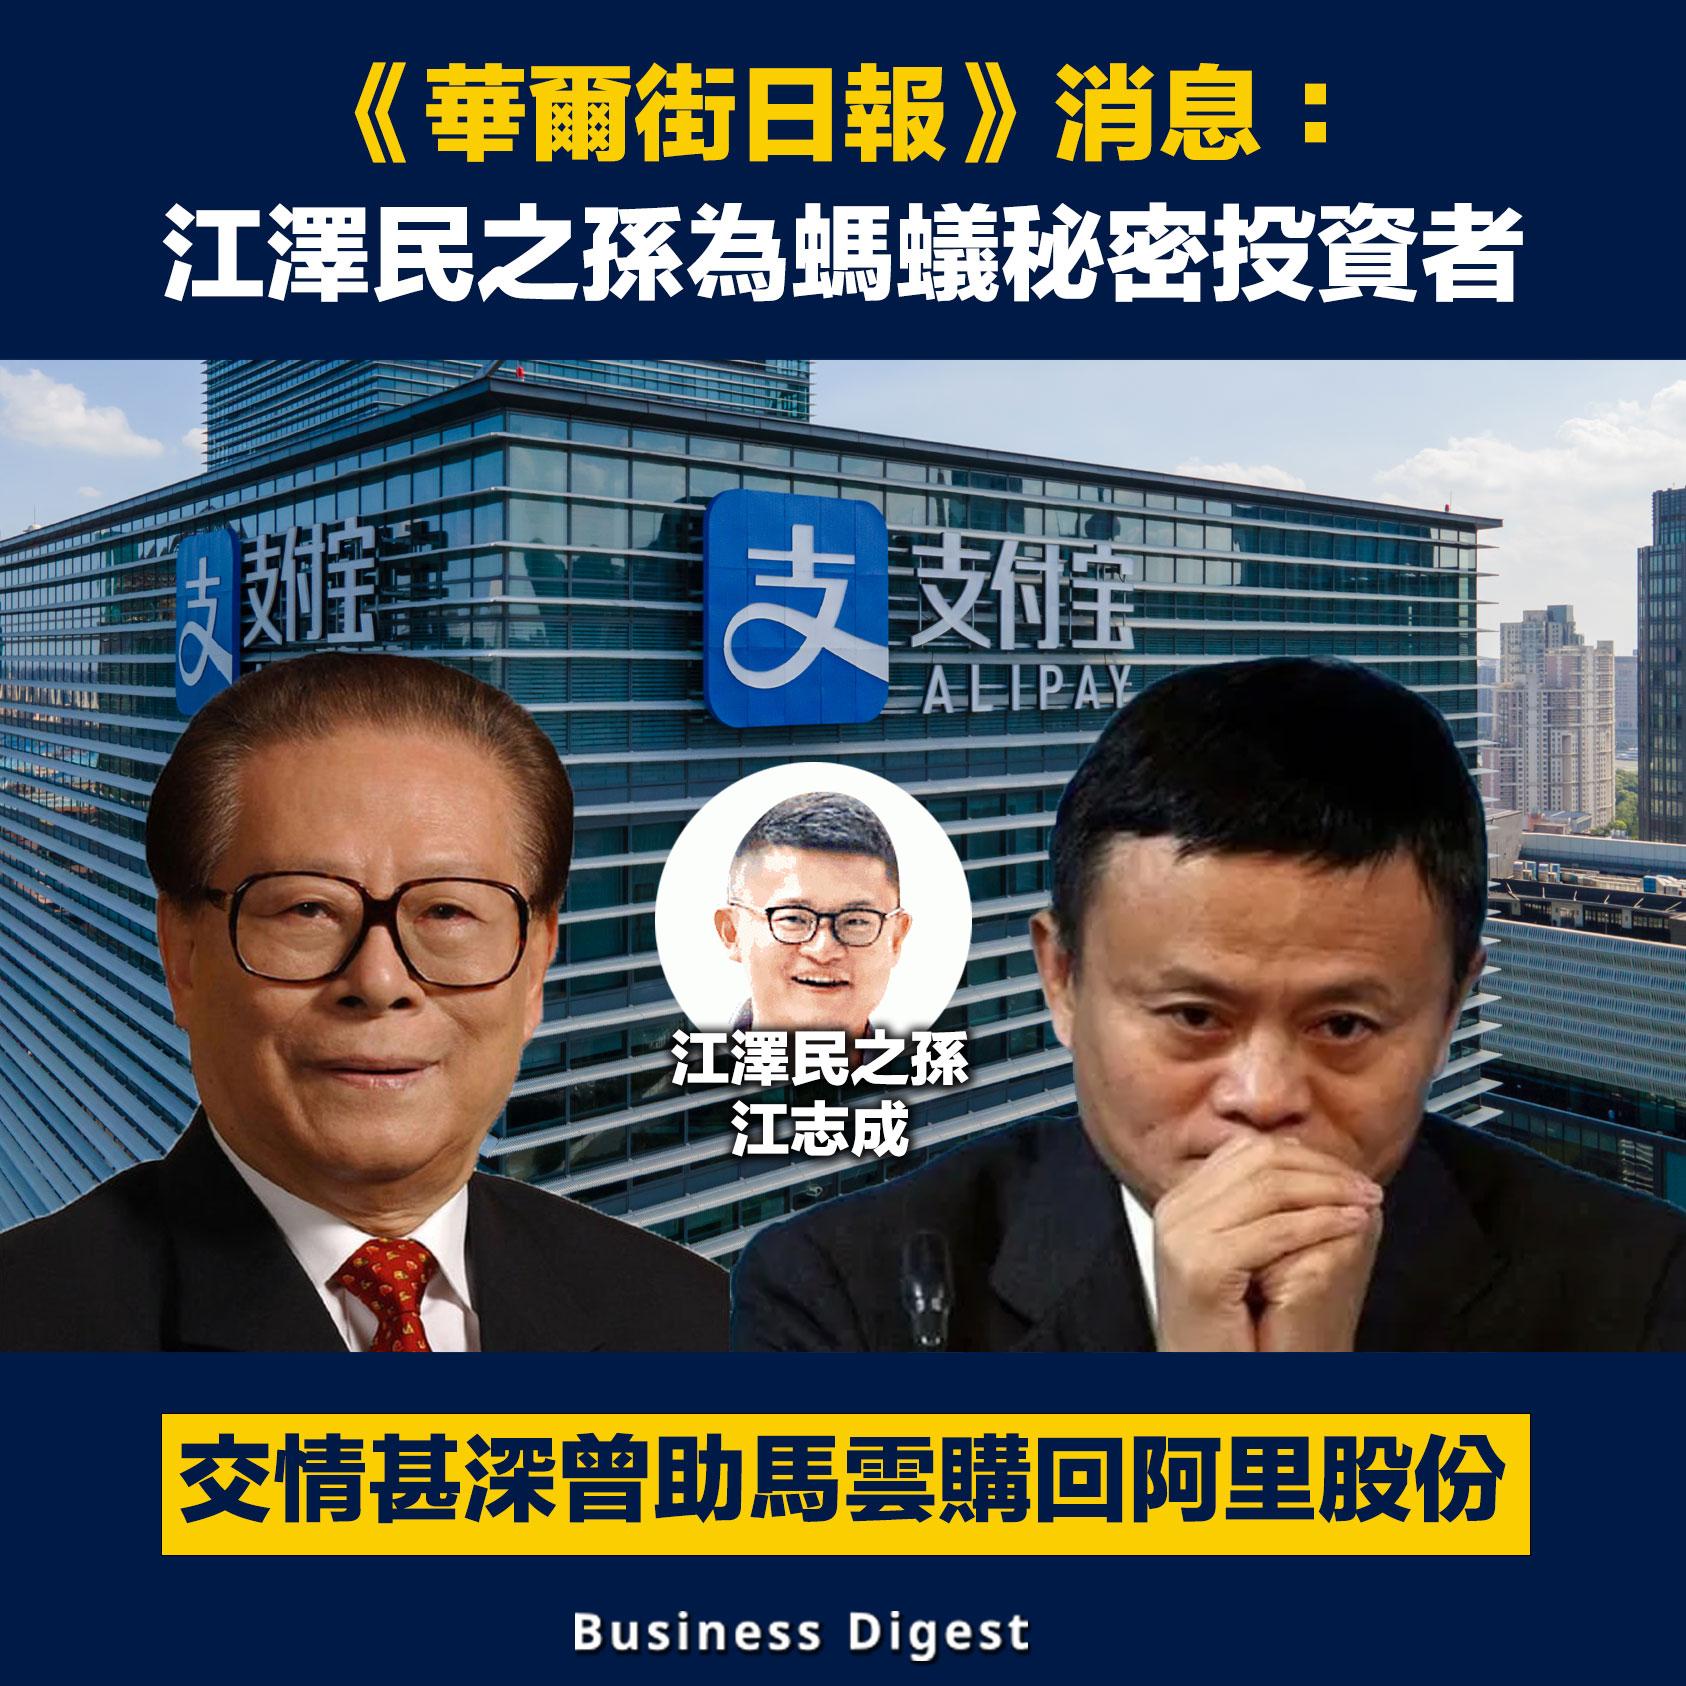 《華爾街日報》消息:江澤民之孫為螞蟻秘密投資者